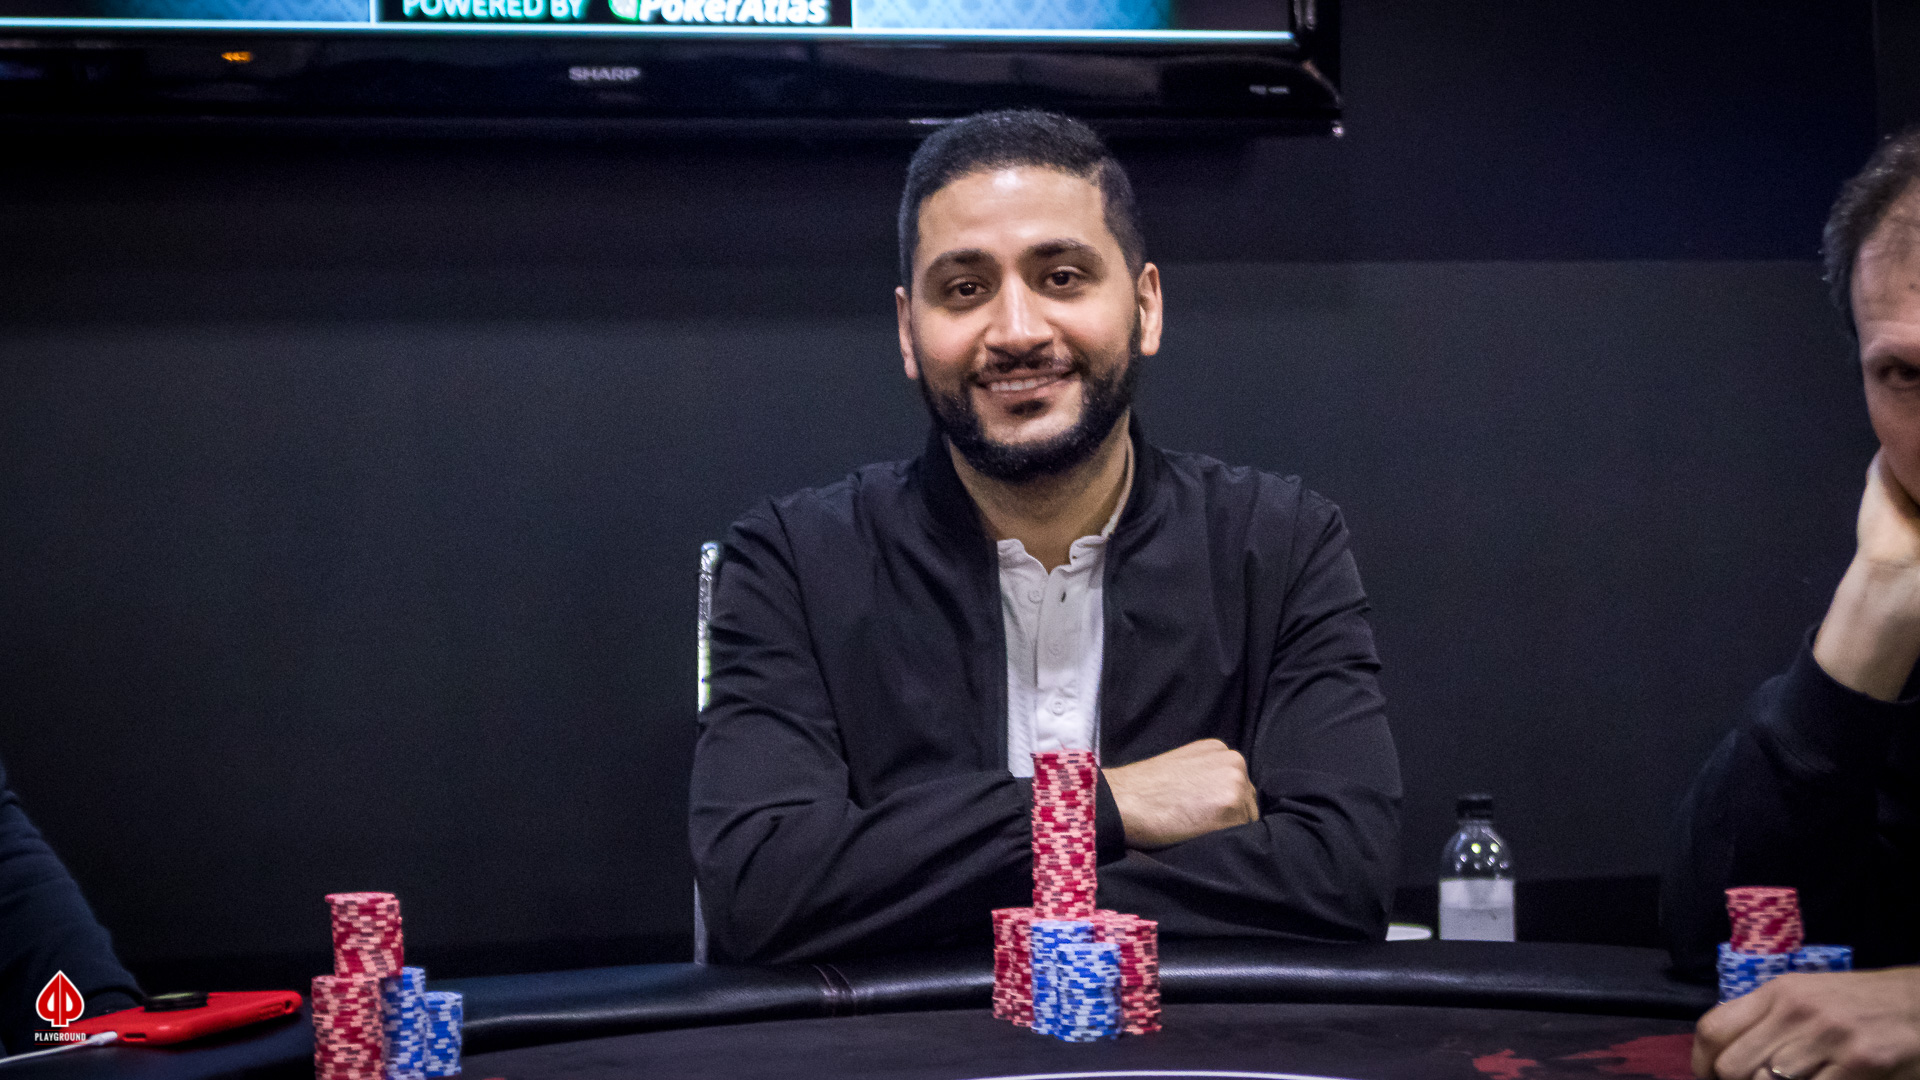 El Ayday exits in 3rd place ($6,010)